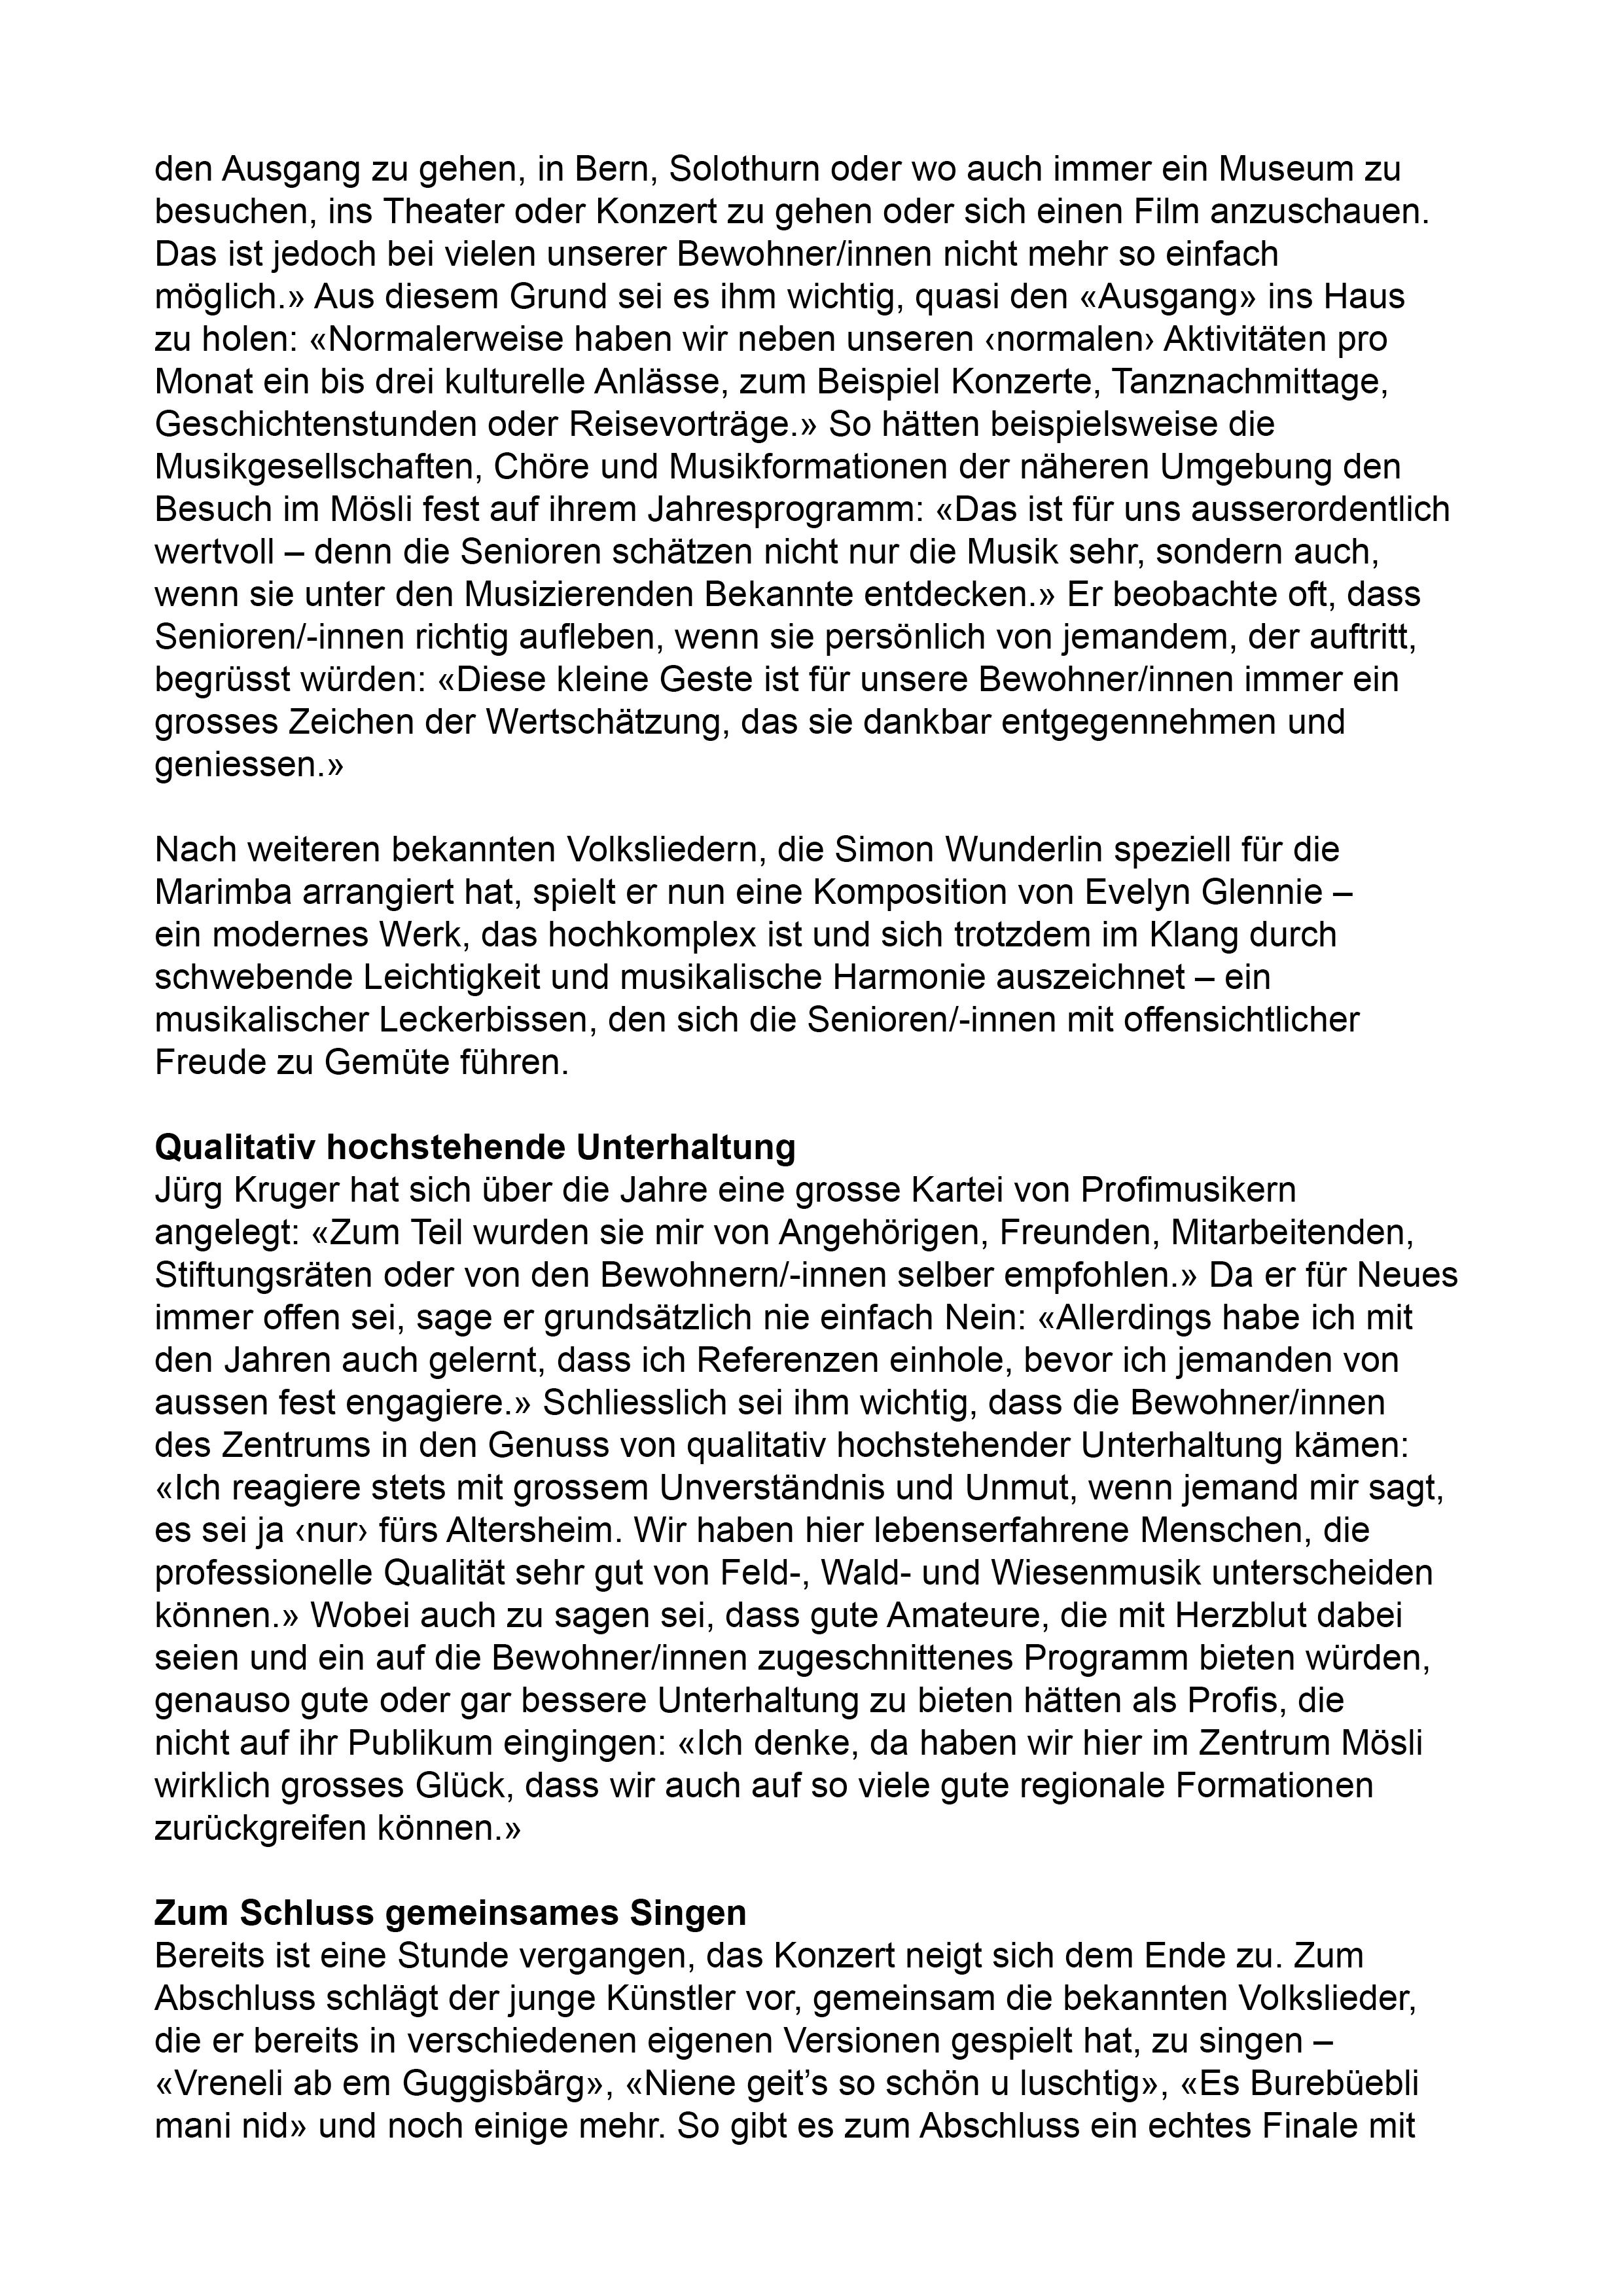 Zeitungsberichte6.jpg